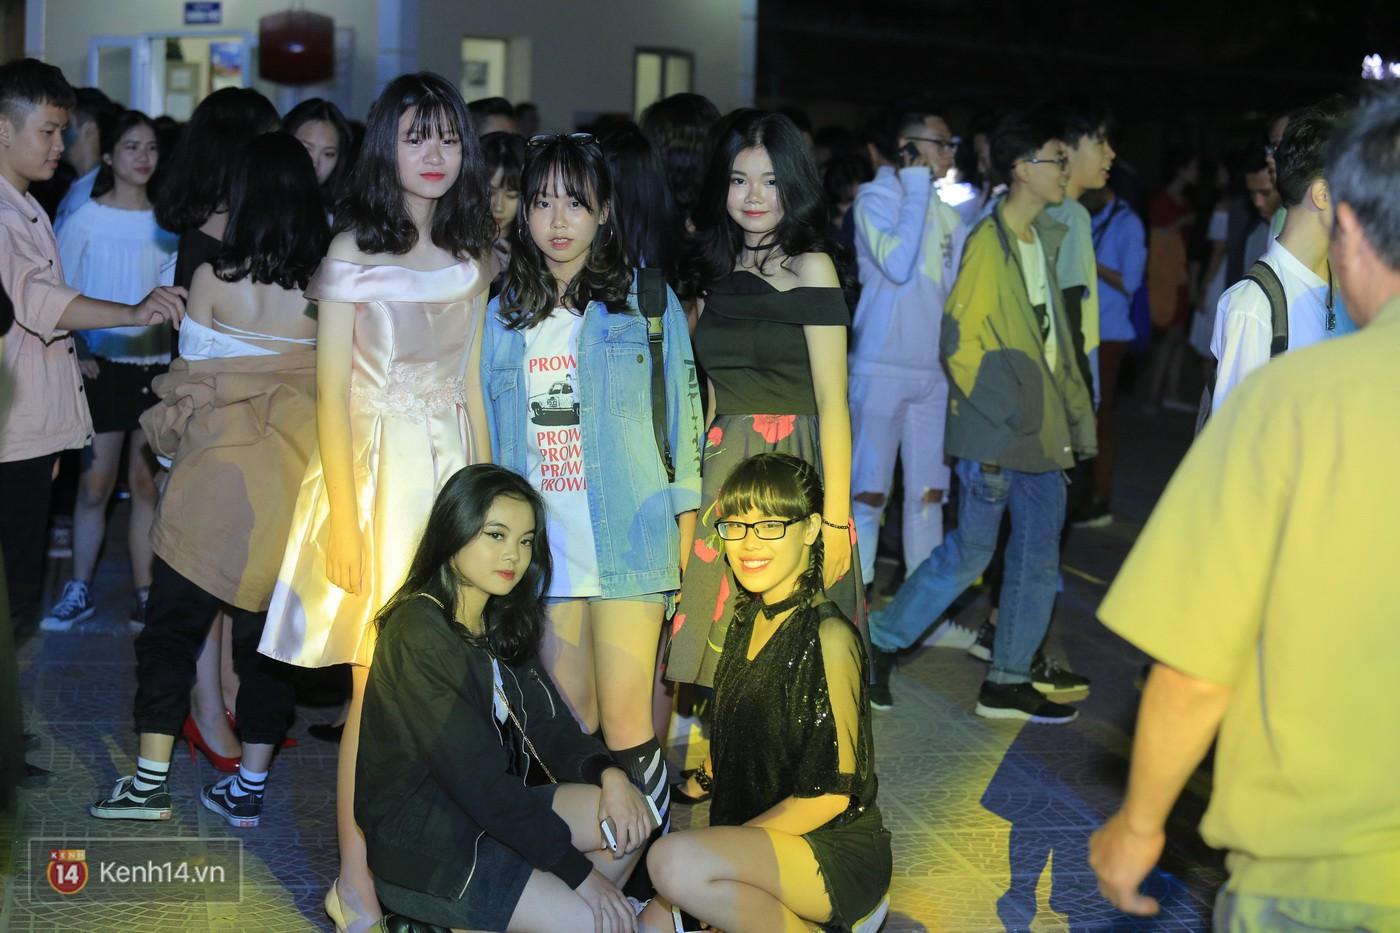 Trai xinh gái đẹp trường Lê Quý Đôn (Hà Nội) quẩy tưng bừng trong prom chào mừng 20/11 - Ảnh 3.